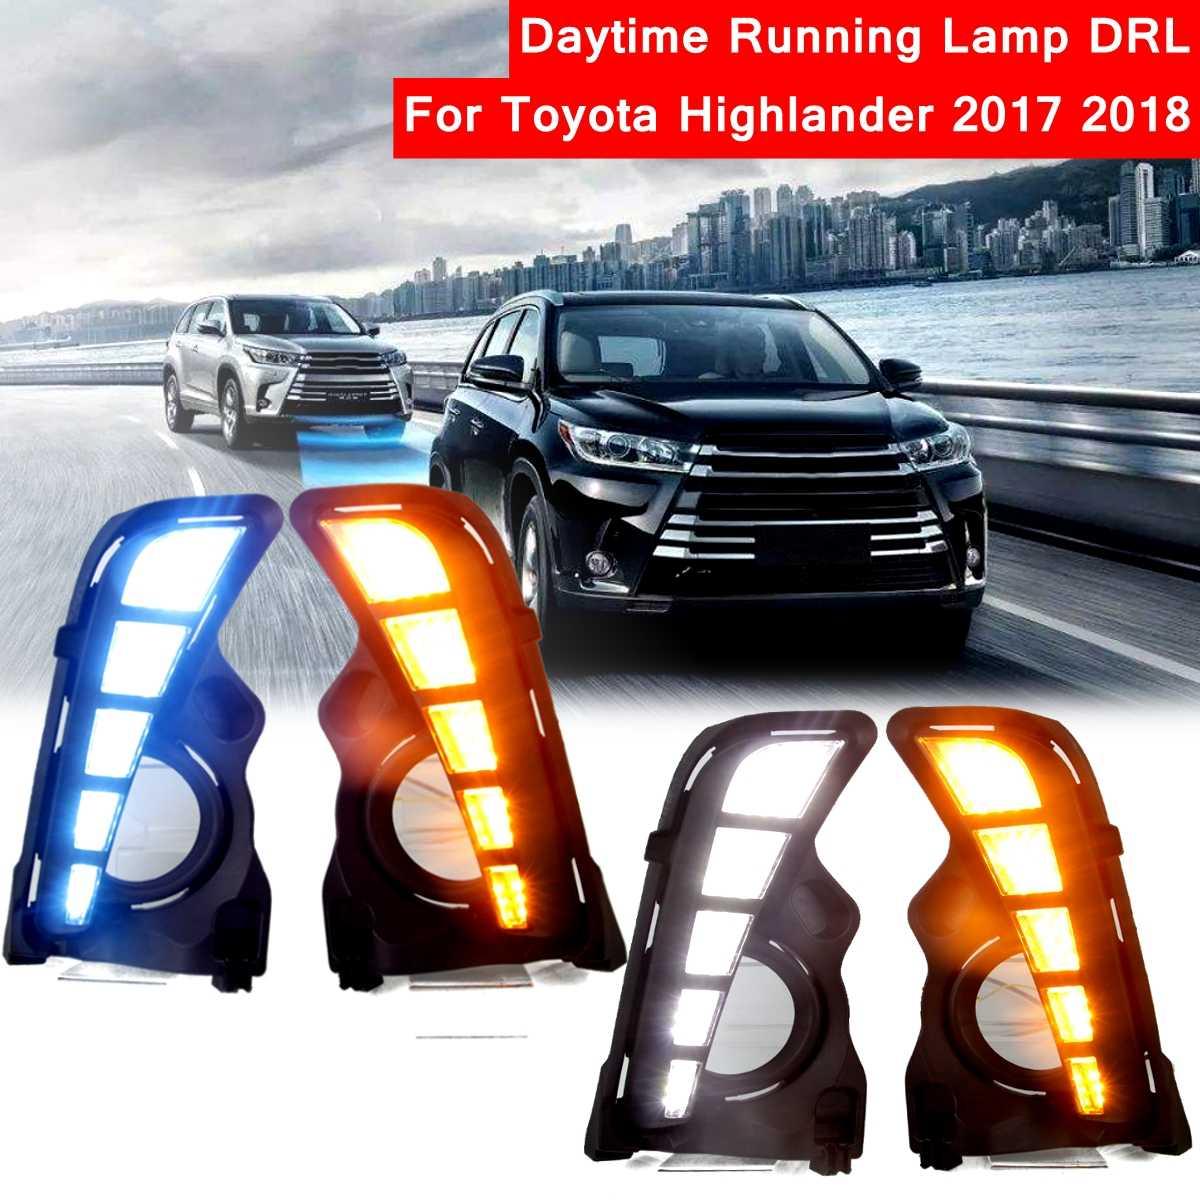 2pcs LED Daytime Running Light Lamp DRL Fog Light Daylight For Toyota Highlander 2017 2018 Yellow White Blue Turn Signal Lamp